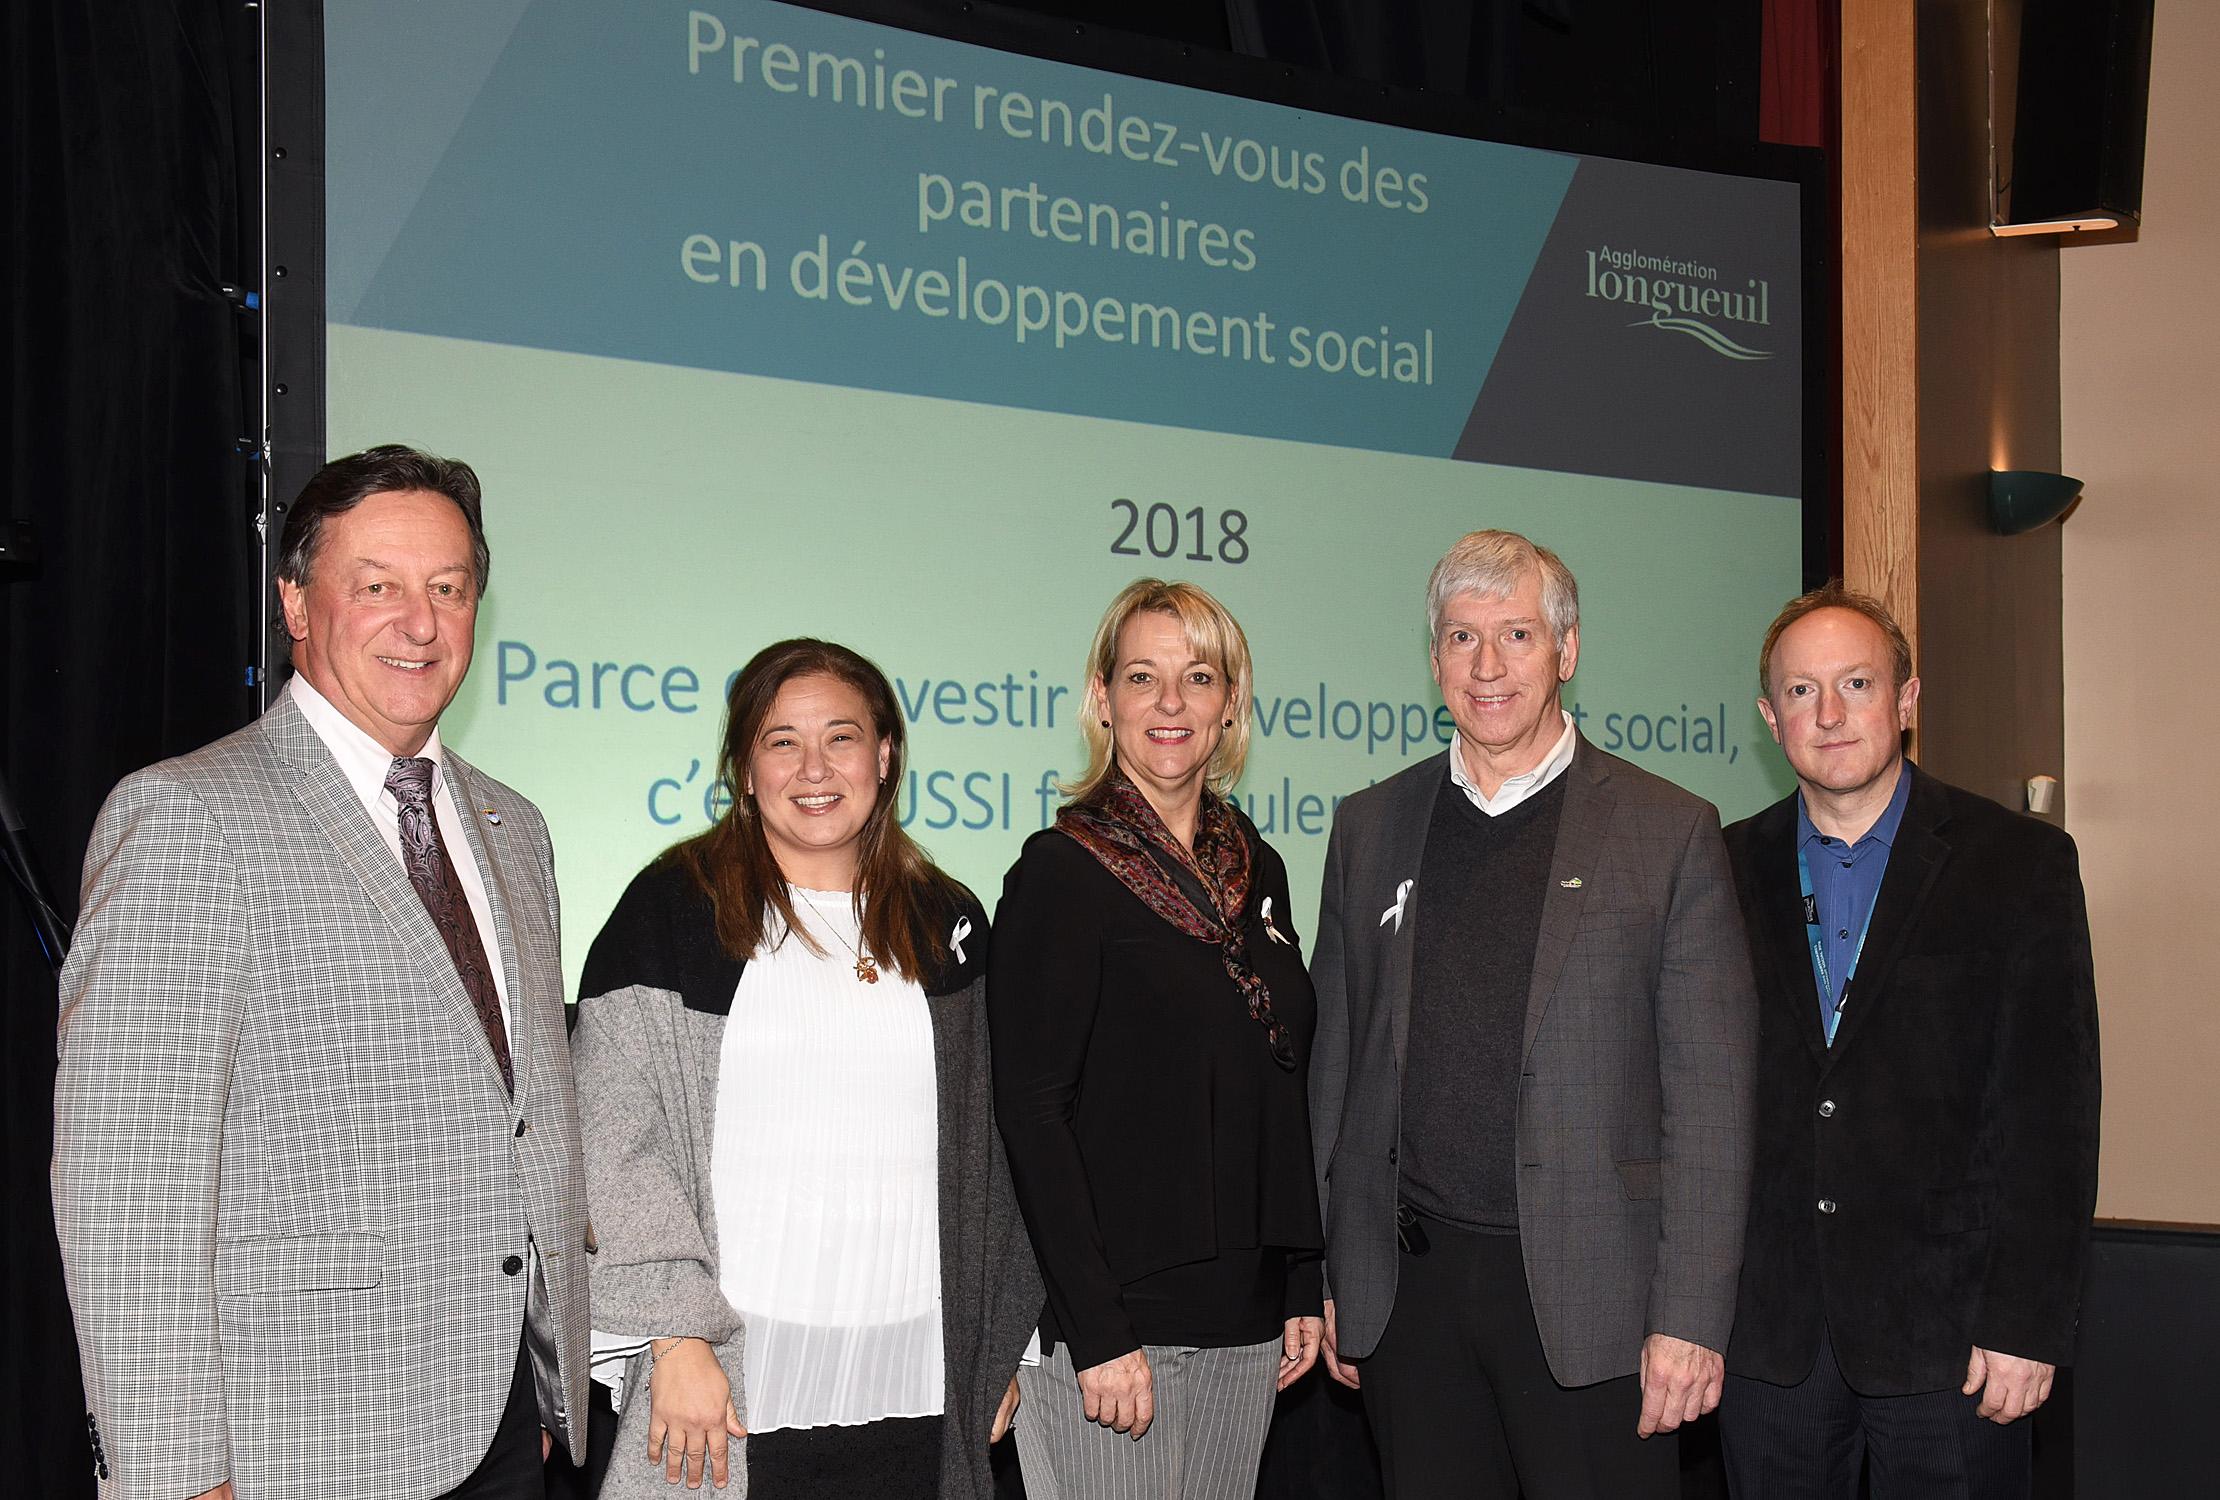 Le premier rendez-vous des partenaires en développement social de l'agglomération de Longueuil : un succès garant de l'avenir!